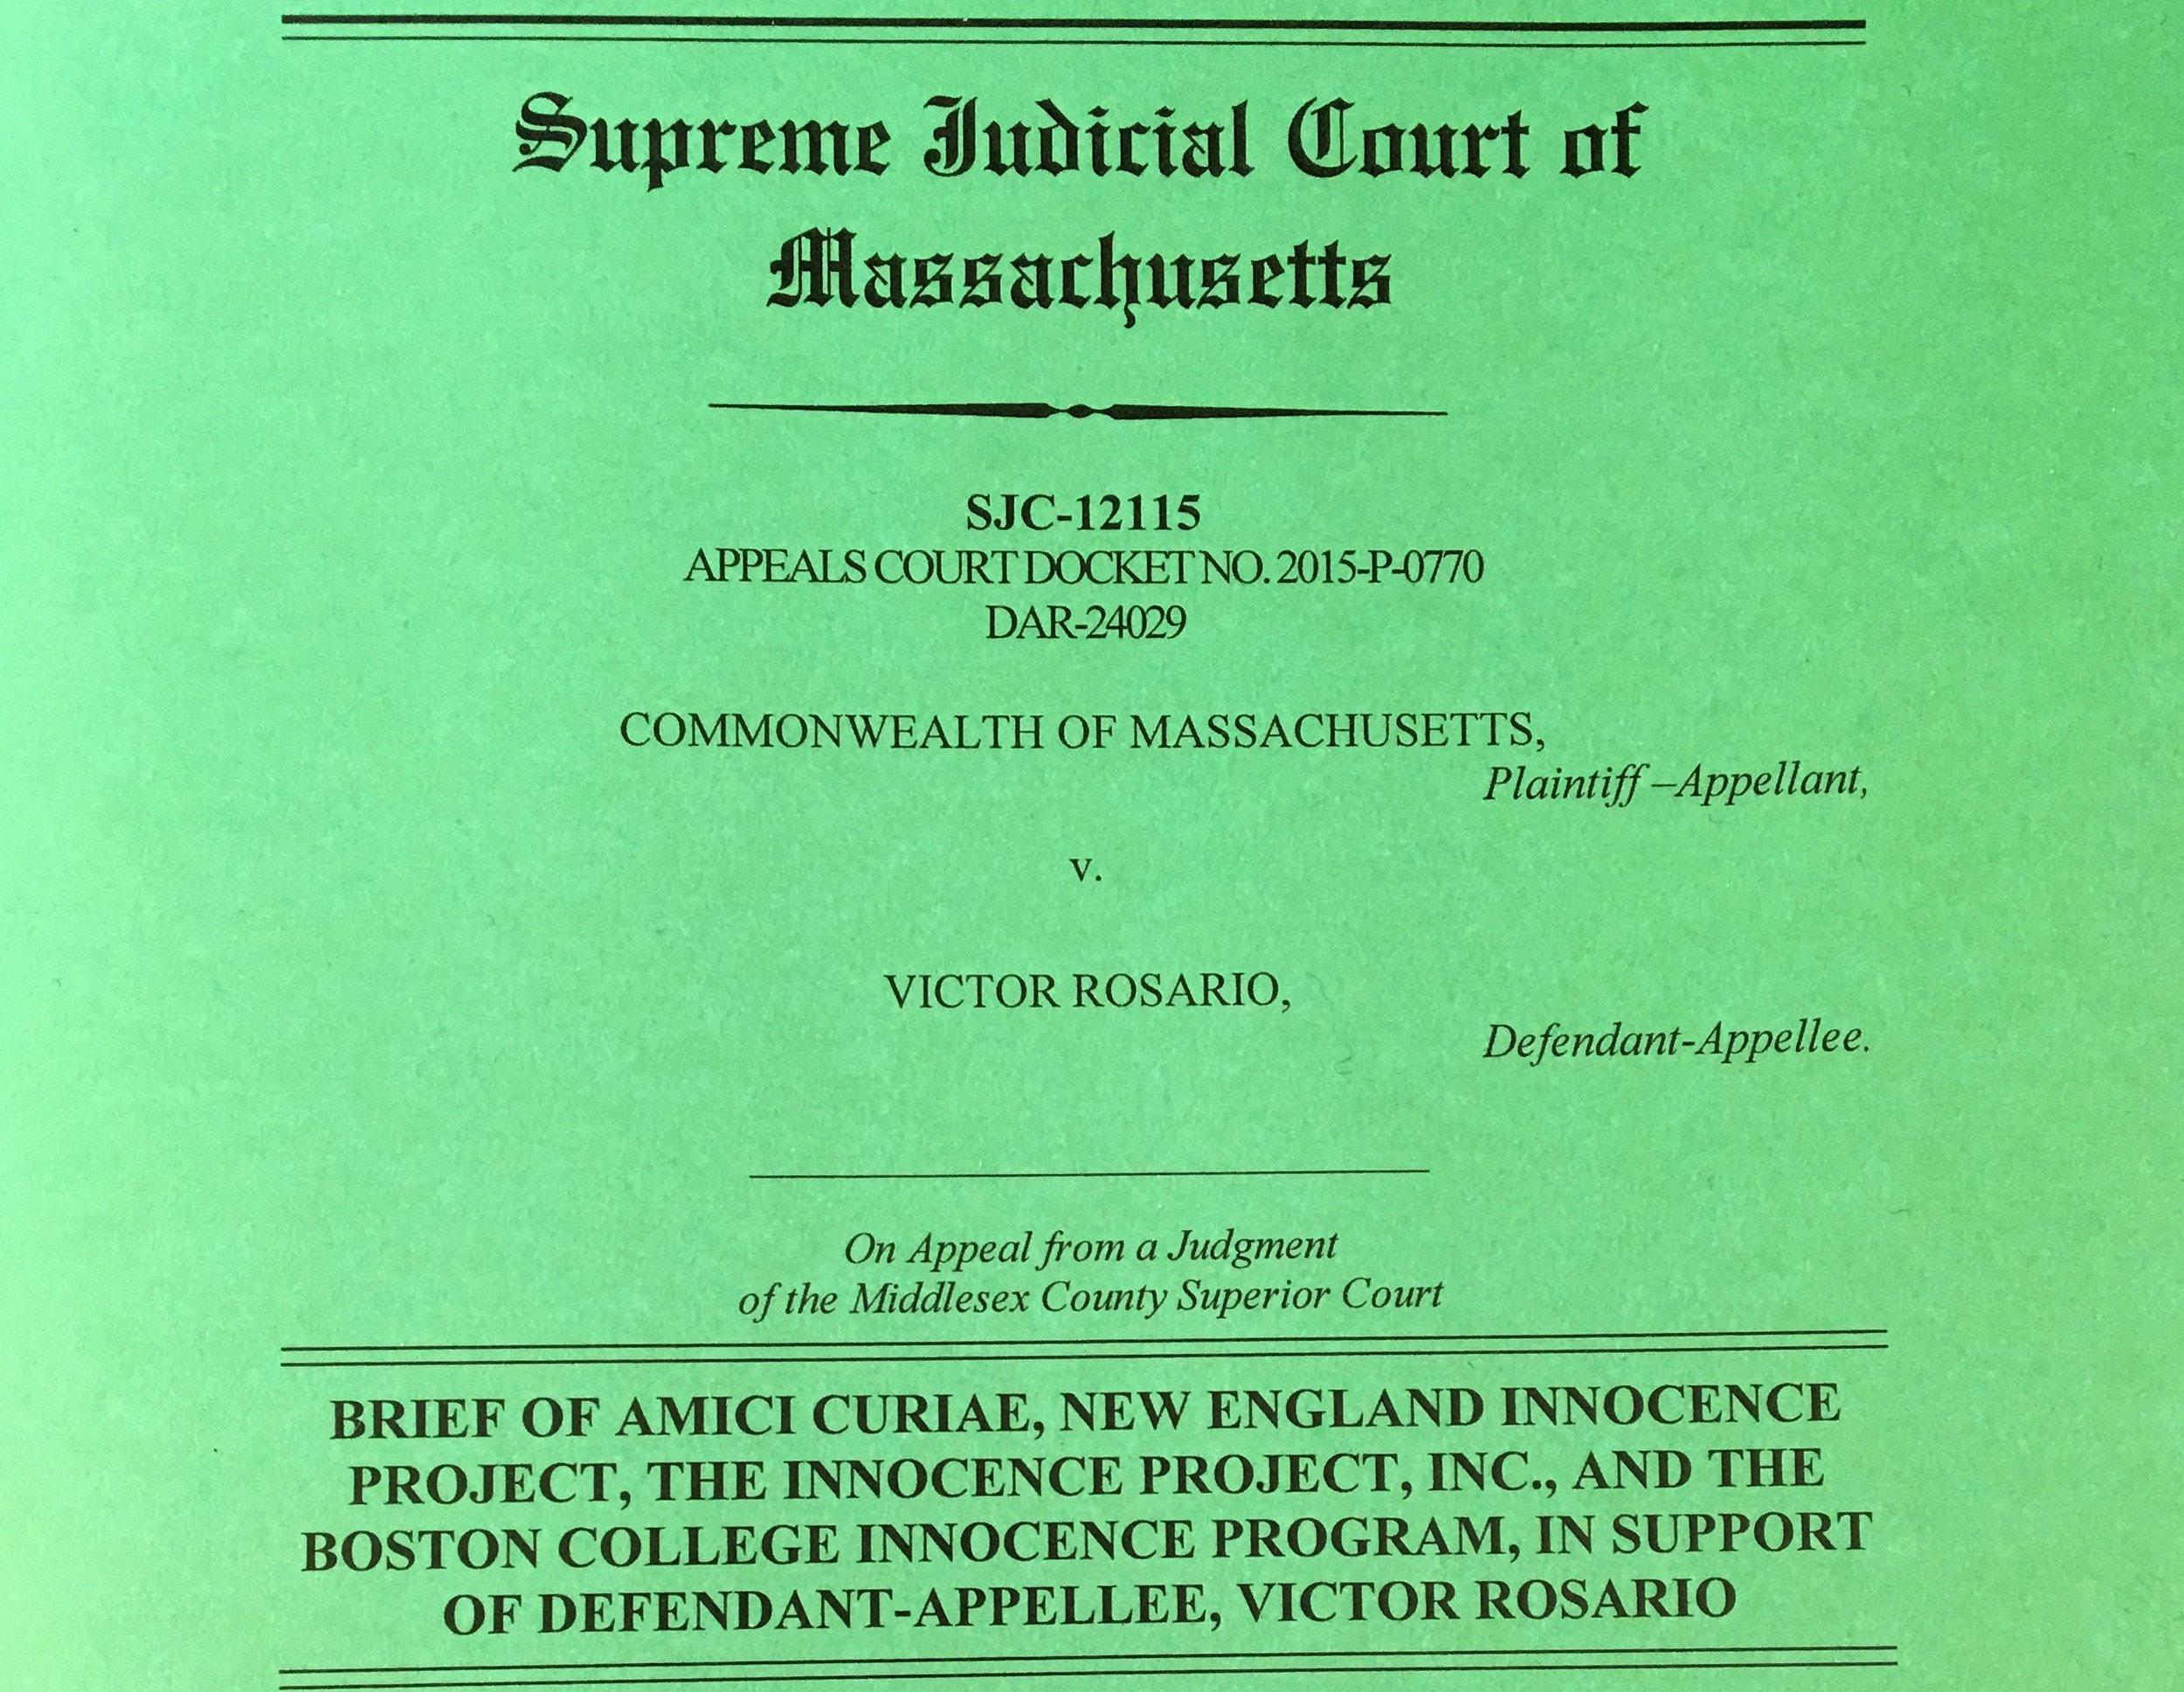 Commonwealth of Massachusetts v. Victor Rosario.